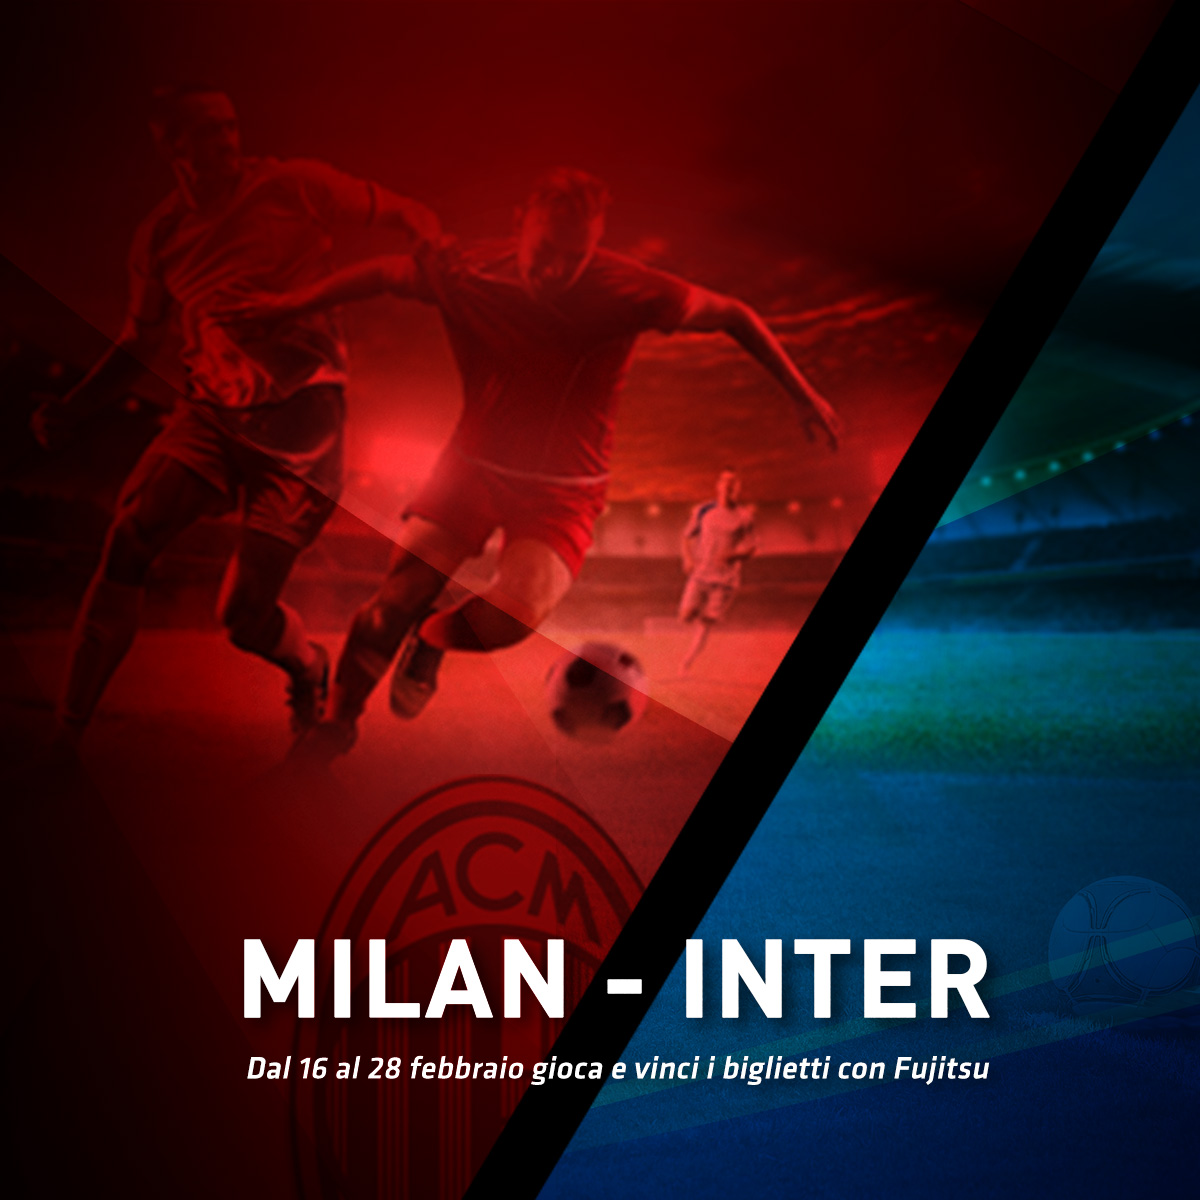 Al derby milanese con Fujitsu Climatizzatori